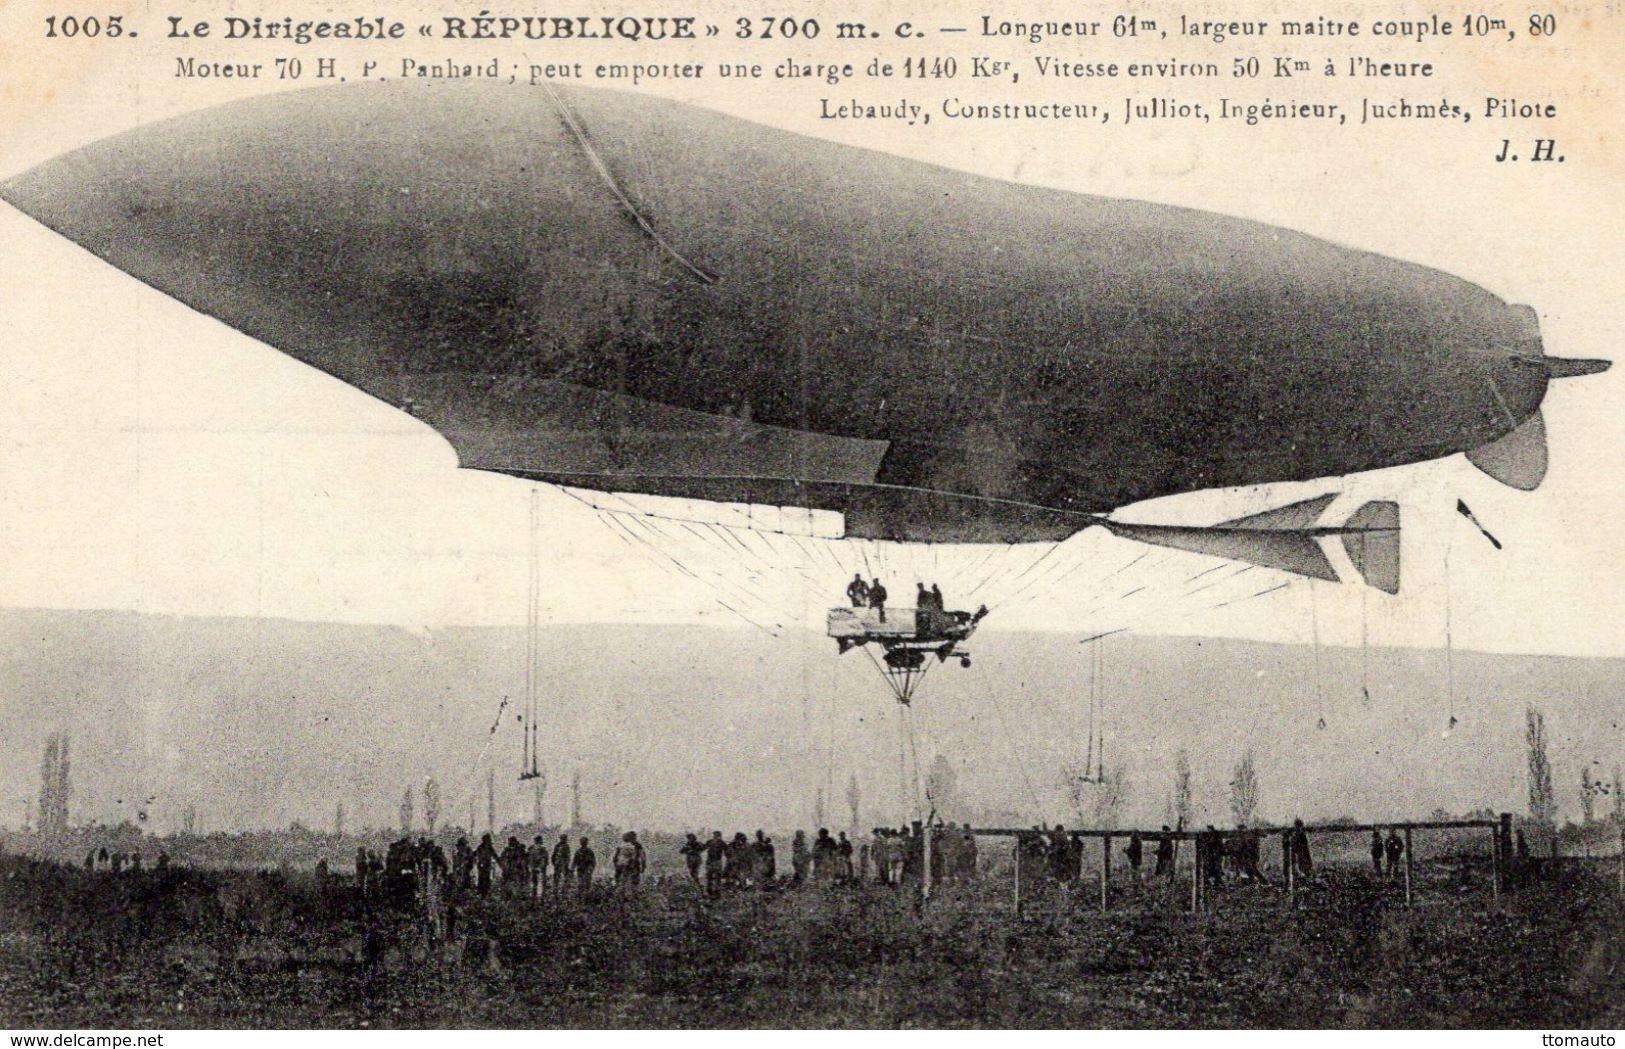 Le Ballon Dirigeable 'REPUBLIQUE'  -  Constructeur: Lebaudy - Ingénieur: Julliet - Pilote: Juchmés   -  CPA - Globos